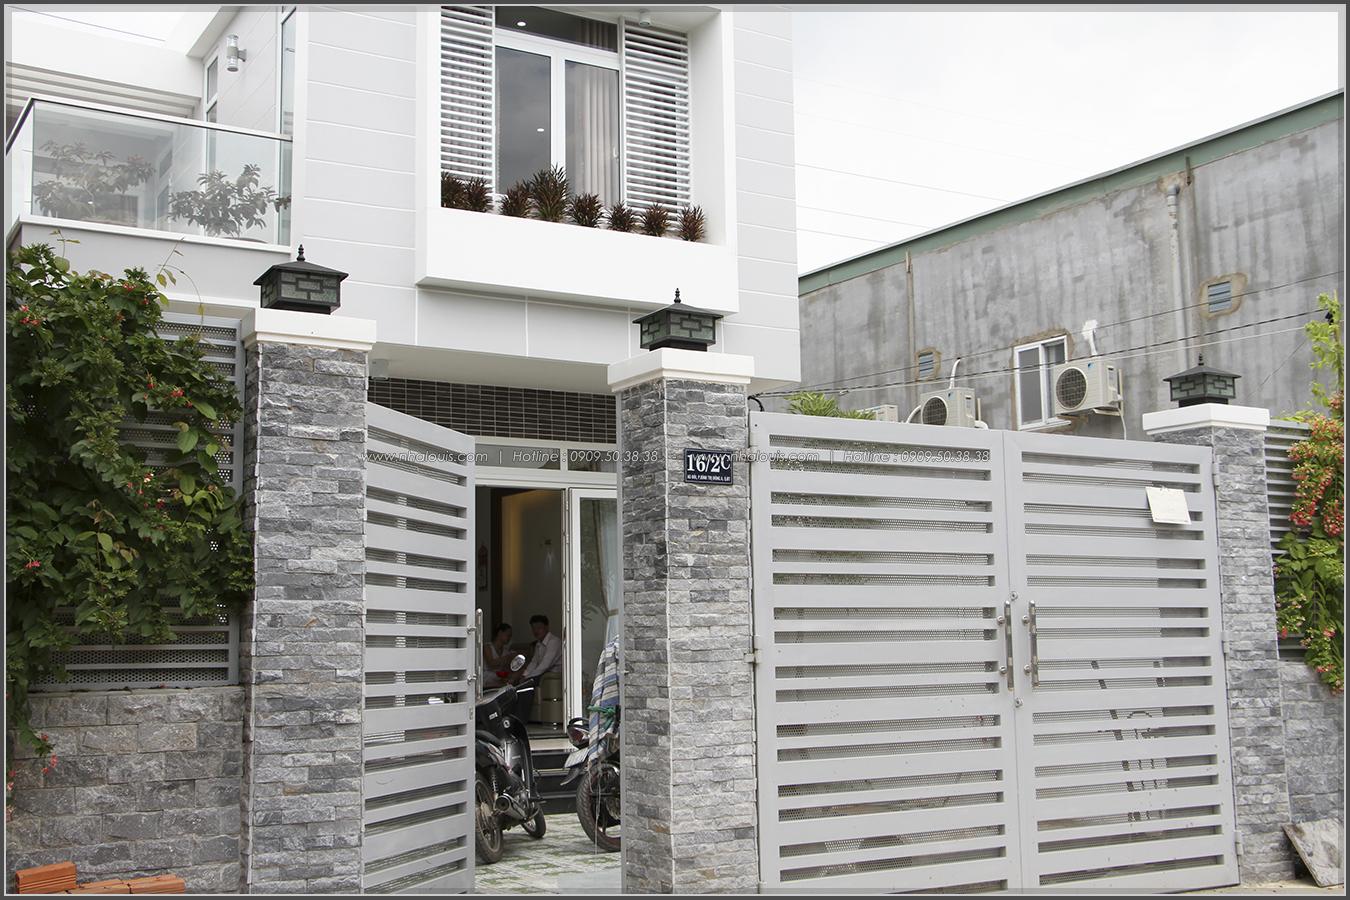 Thi công xây dựng nhà phố 1 trệt 1 lầu của chị Hoa quận Bình Tân